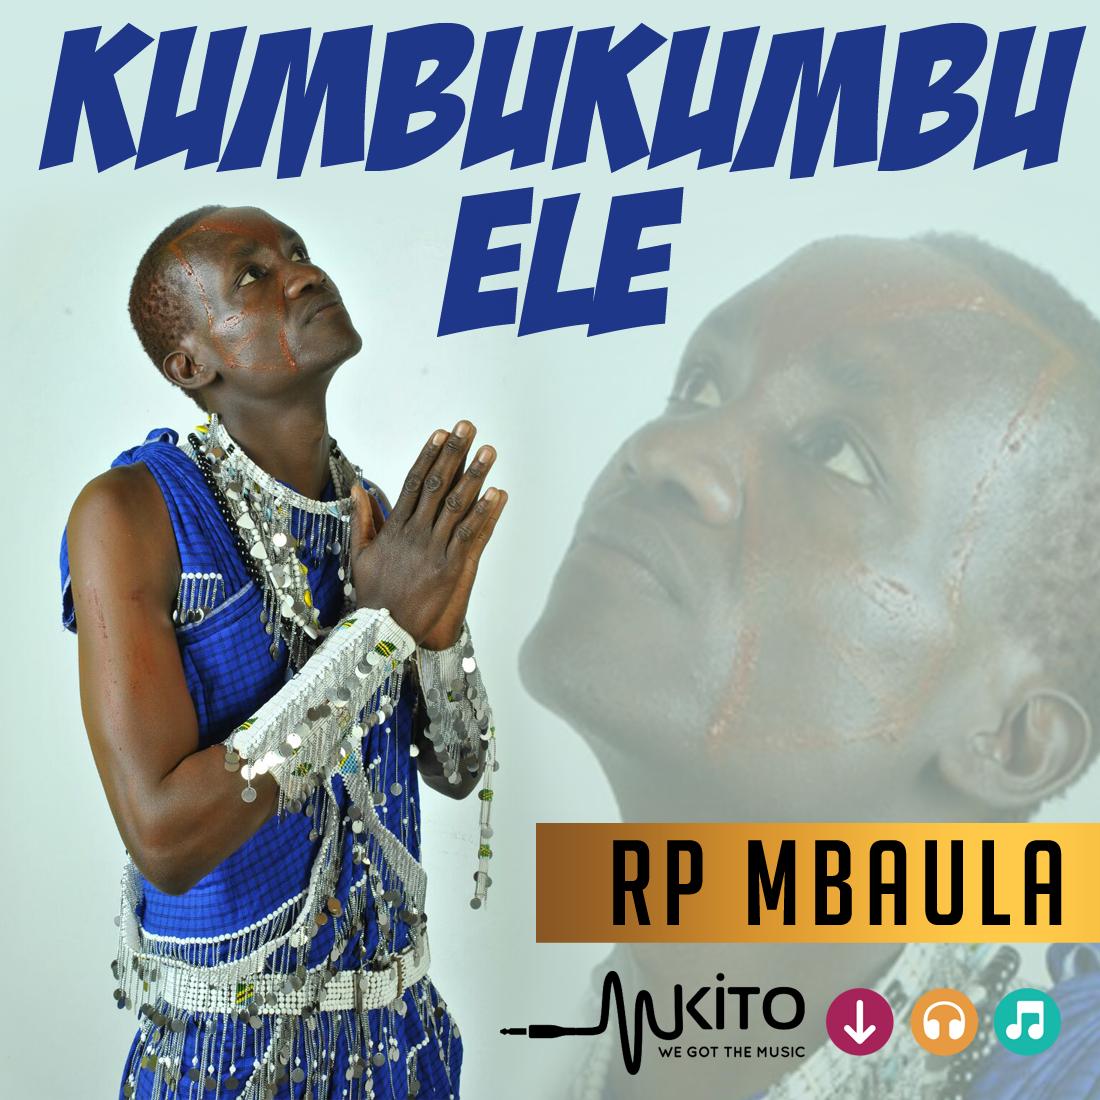 RP Mbaula - RP Mbaula-KumbuKumbu Ele